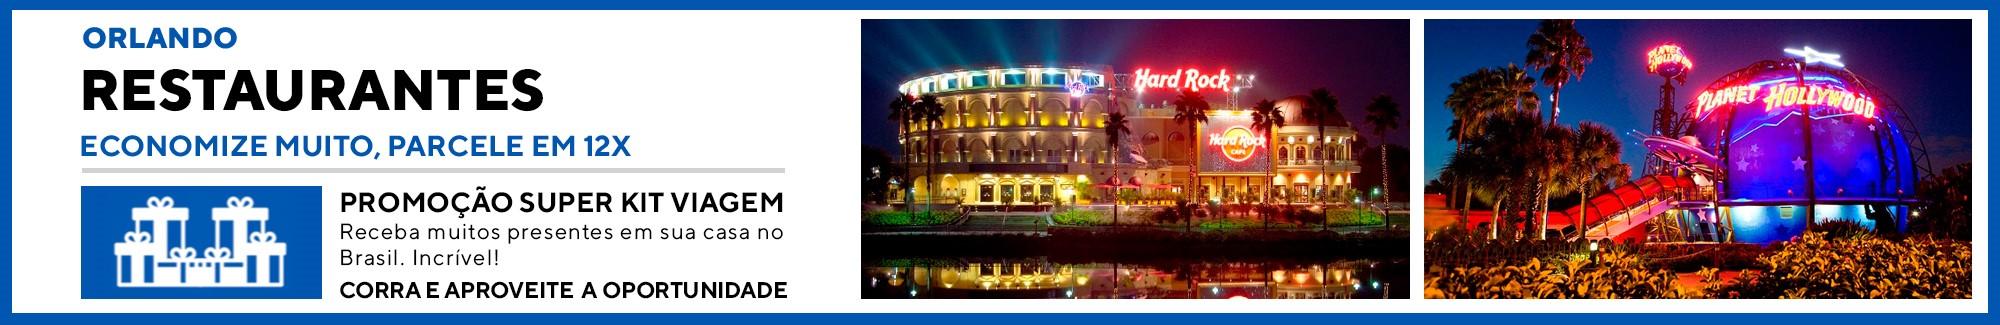 Restaurante Orlando